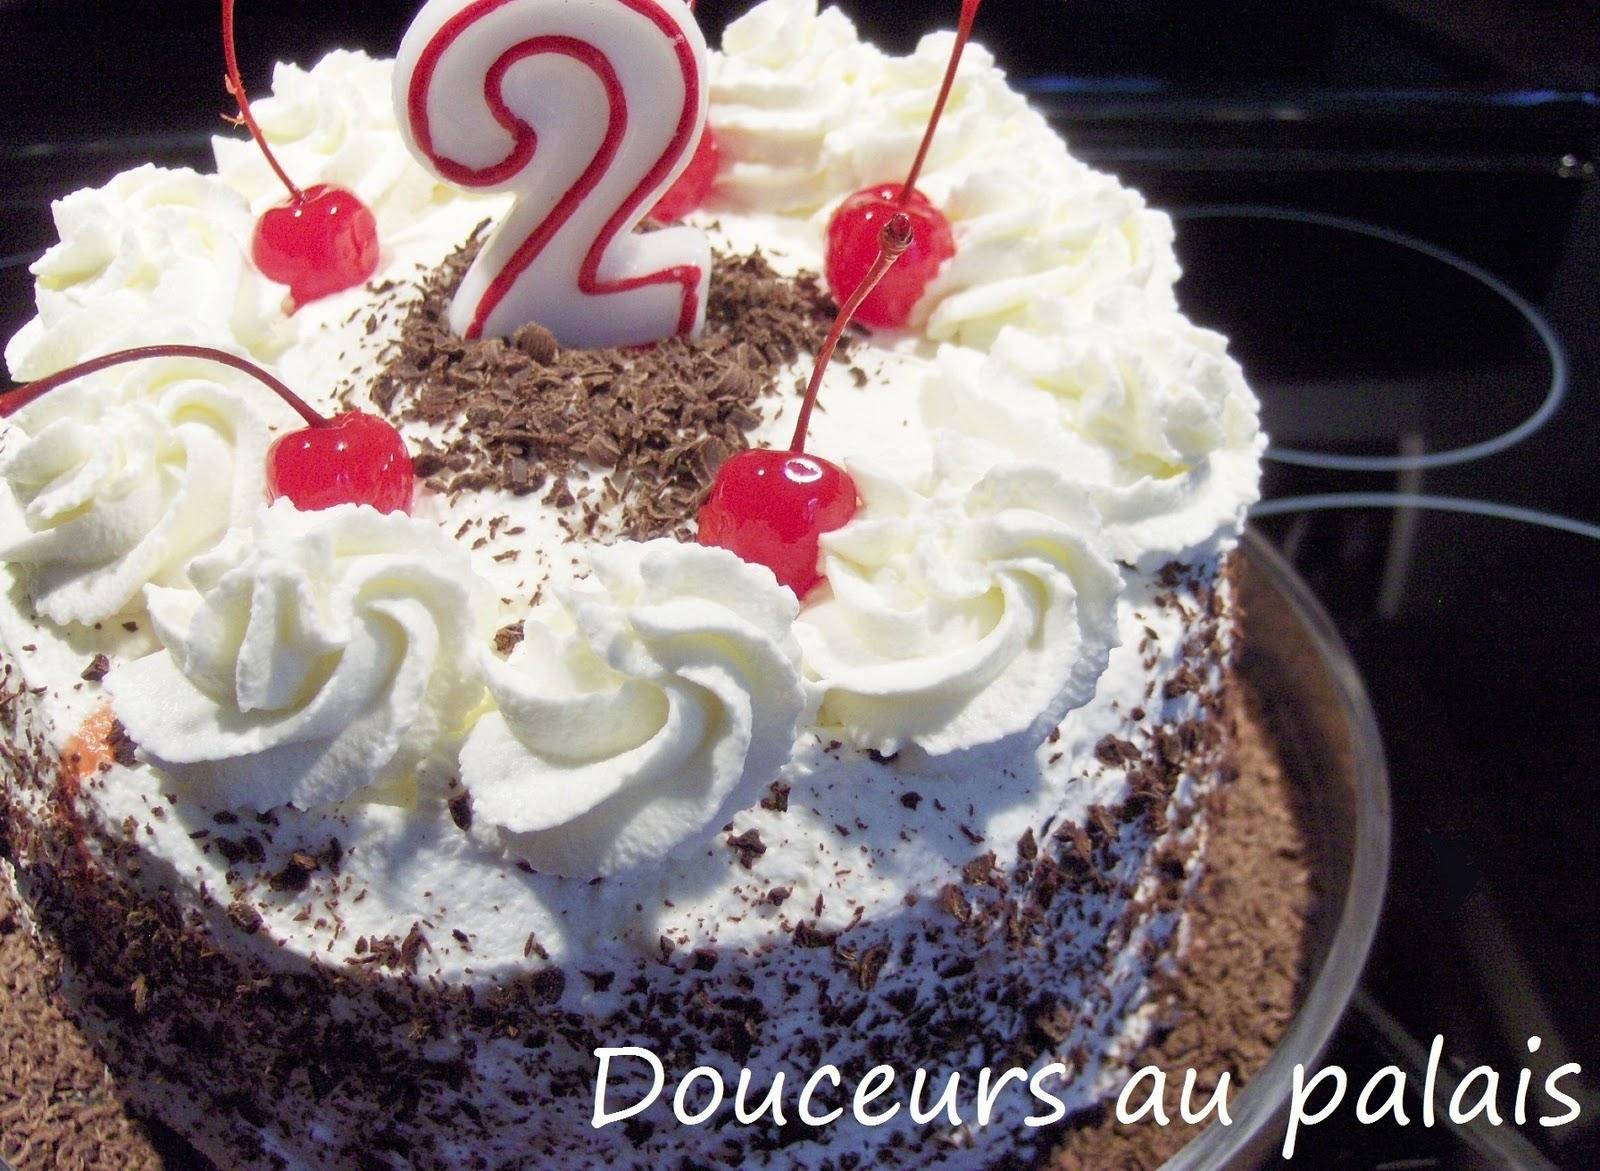 Douceurs au palais g teau for t noire pour l - Gateau anniversaire 2 ans ...